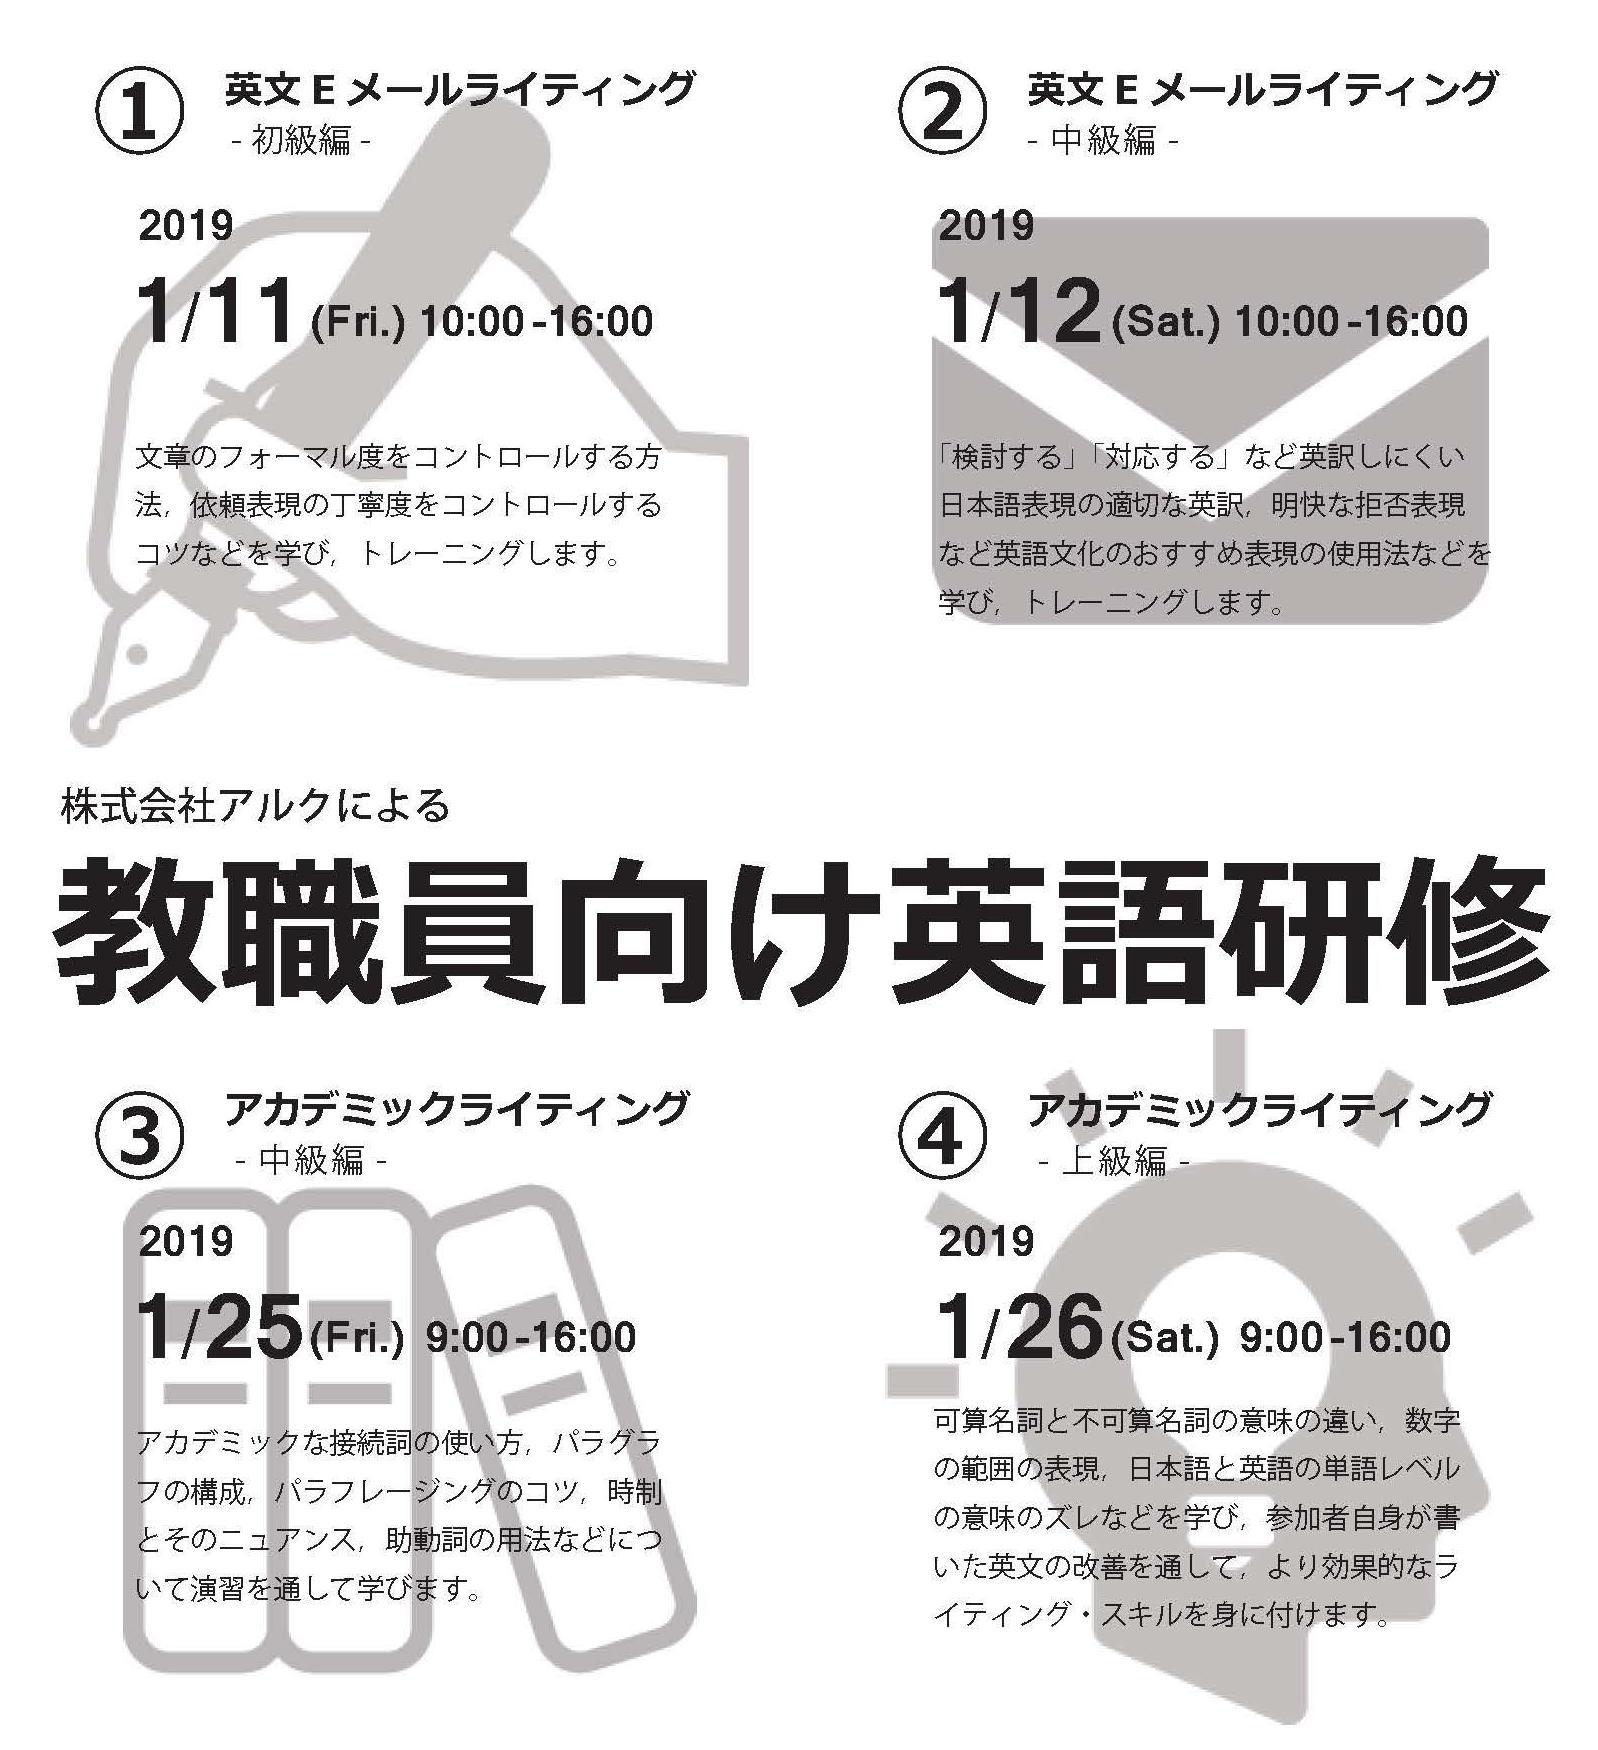 (ポスター)英語研修.jpg